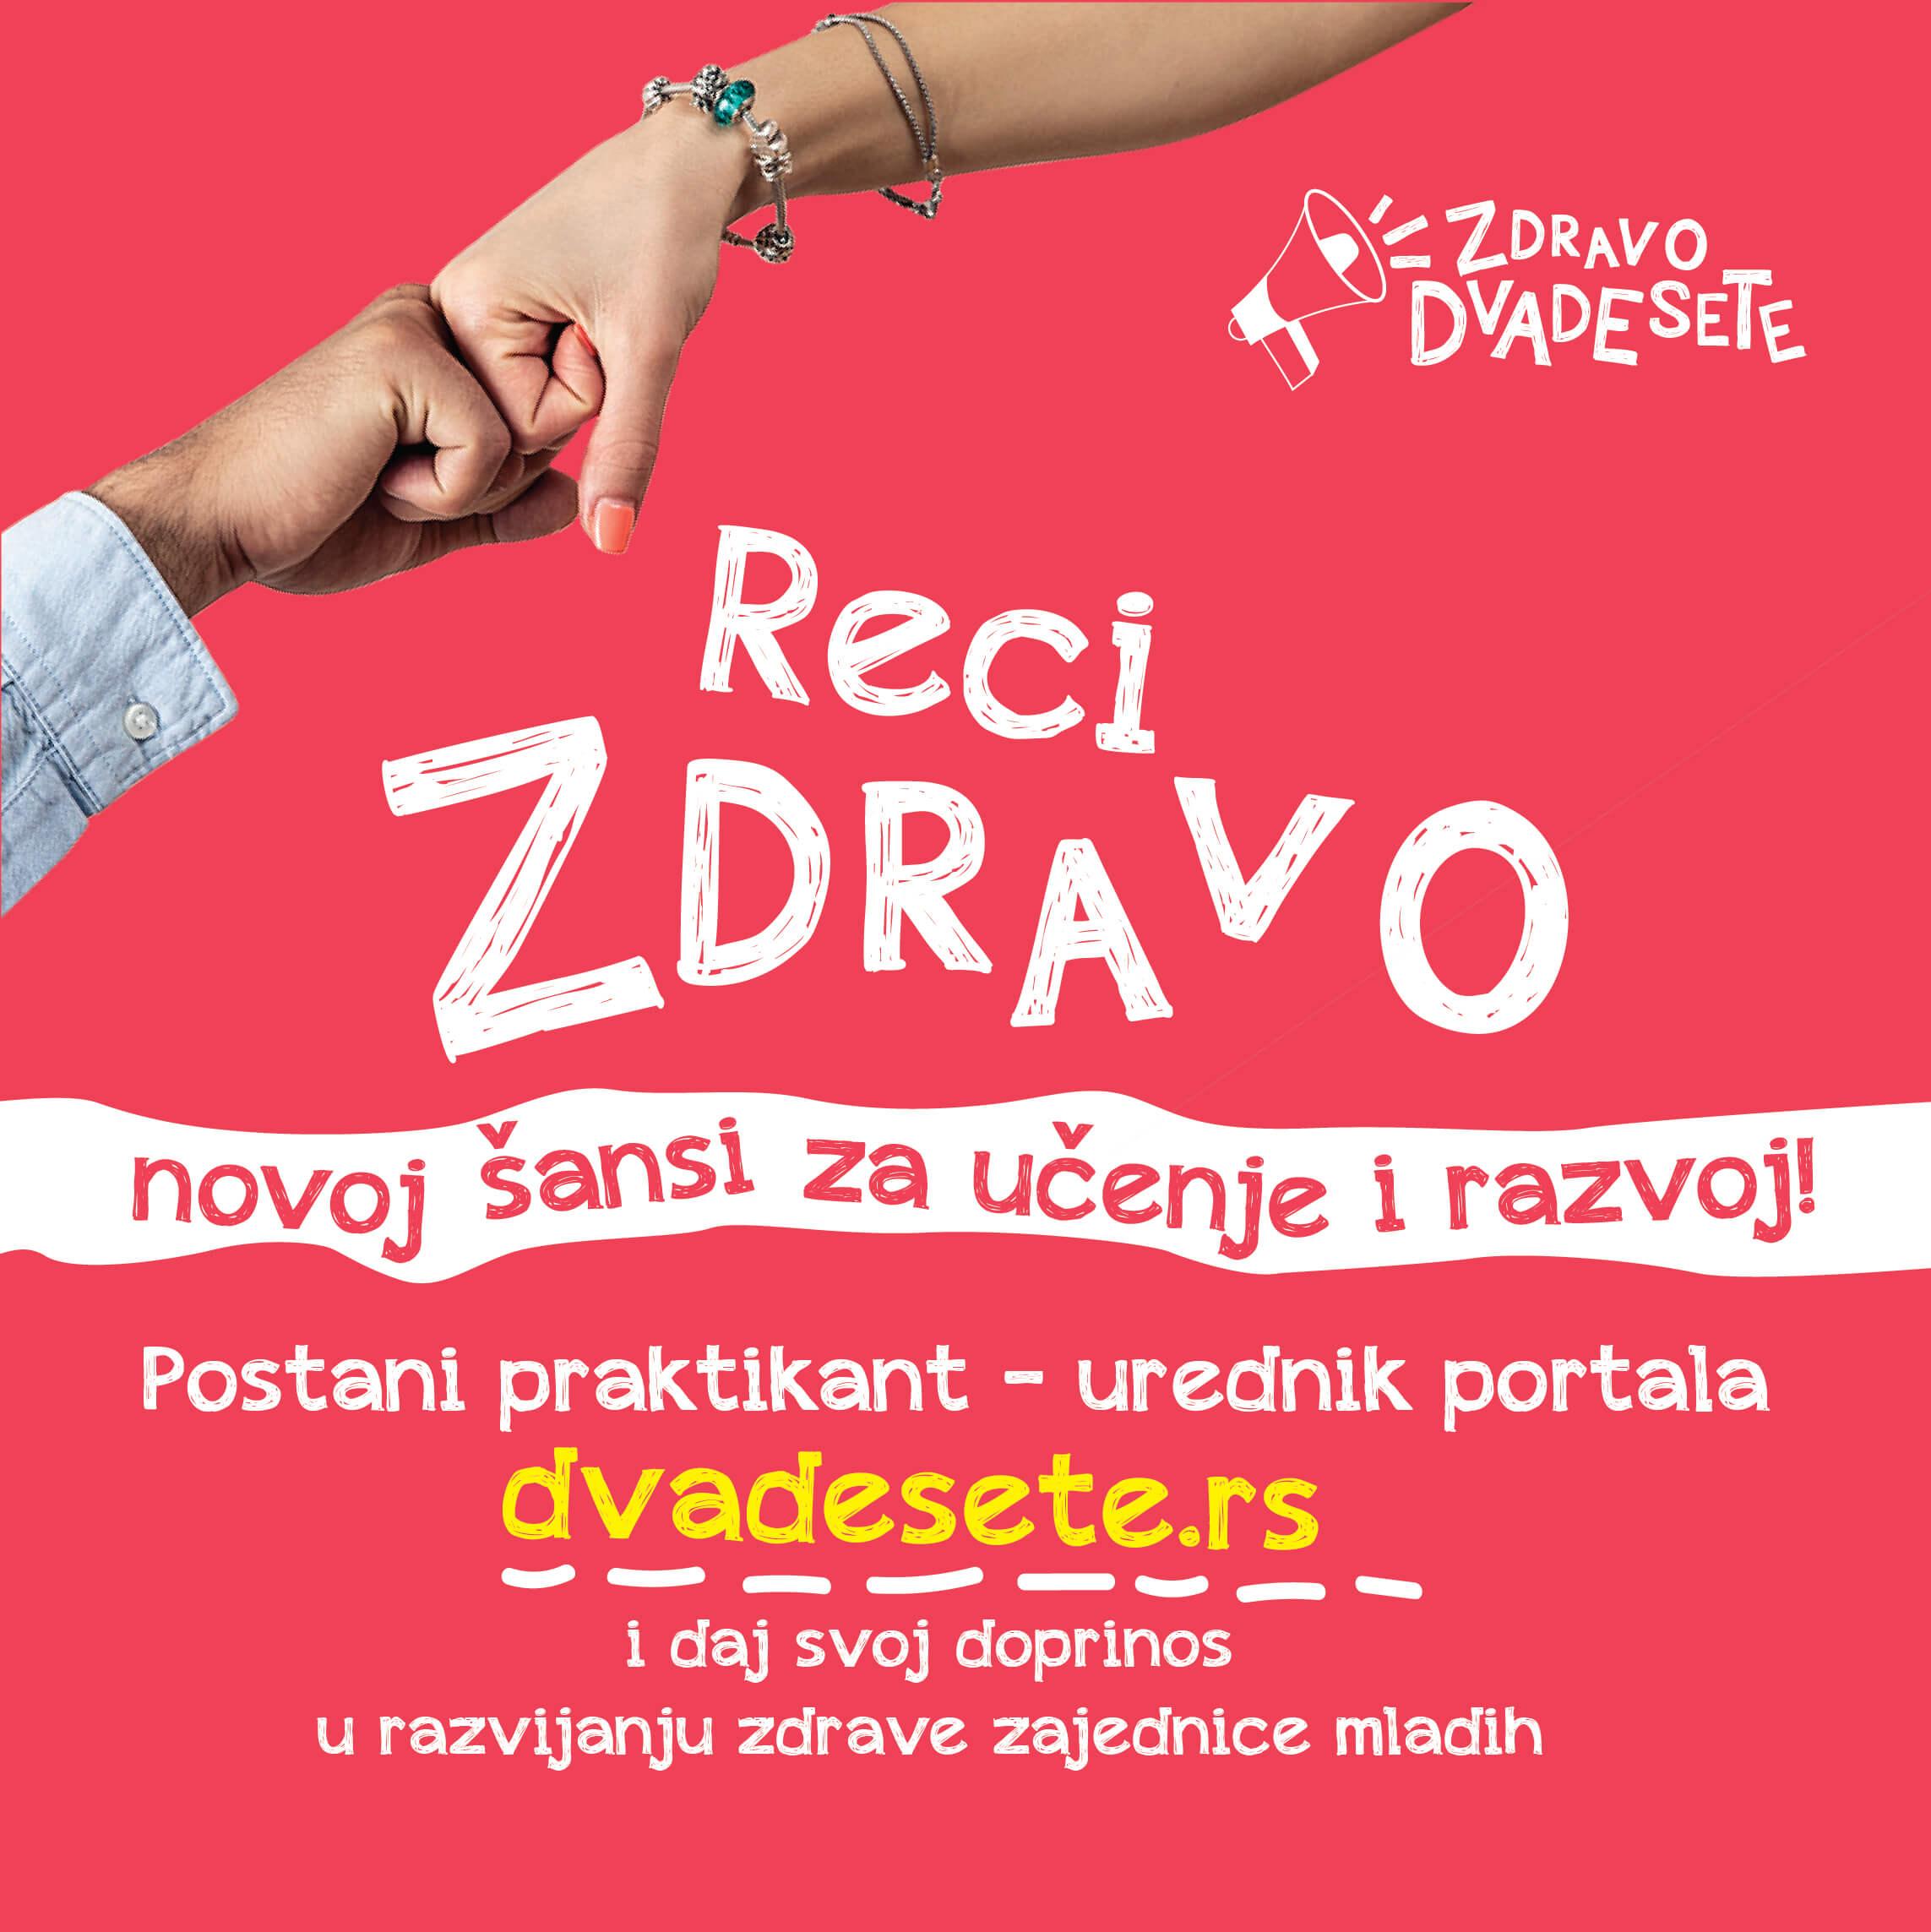 Dvadesete.rs